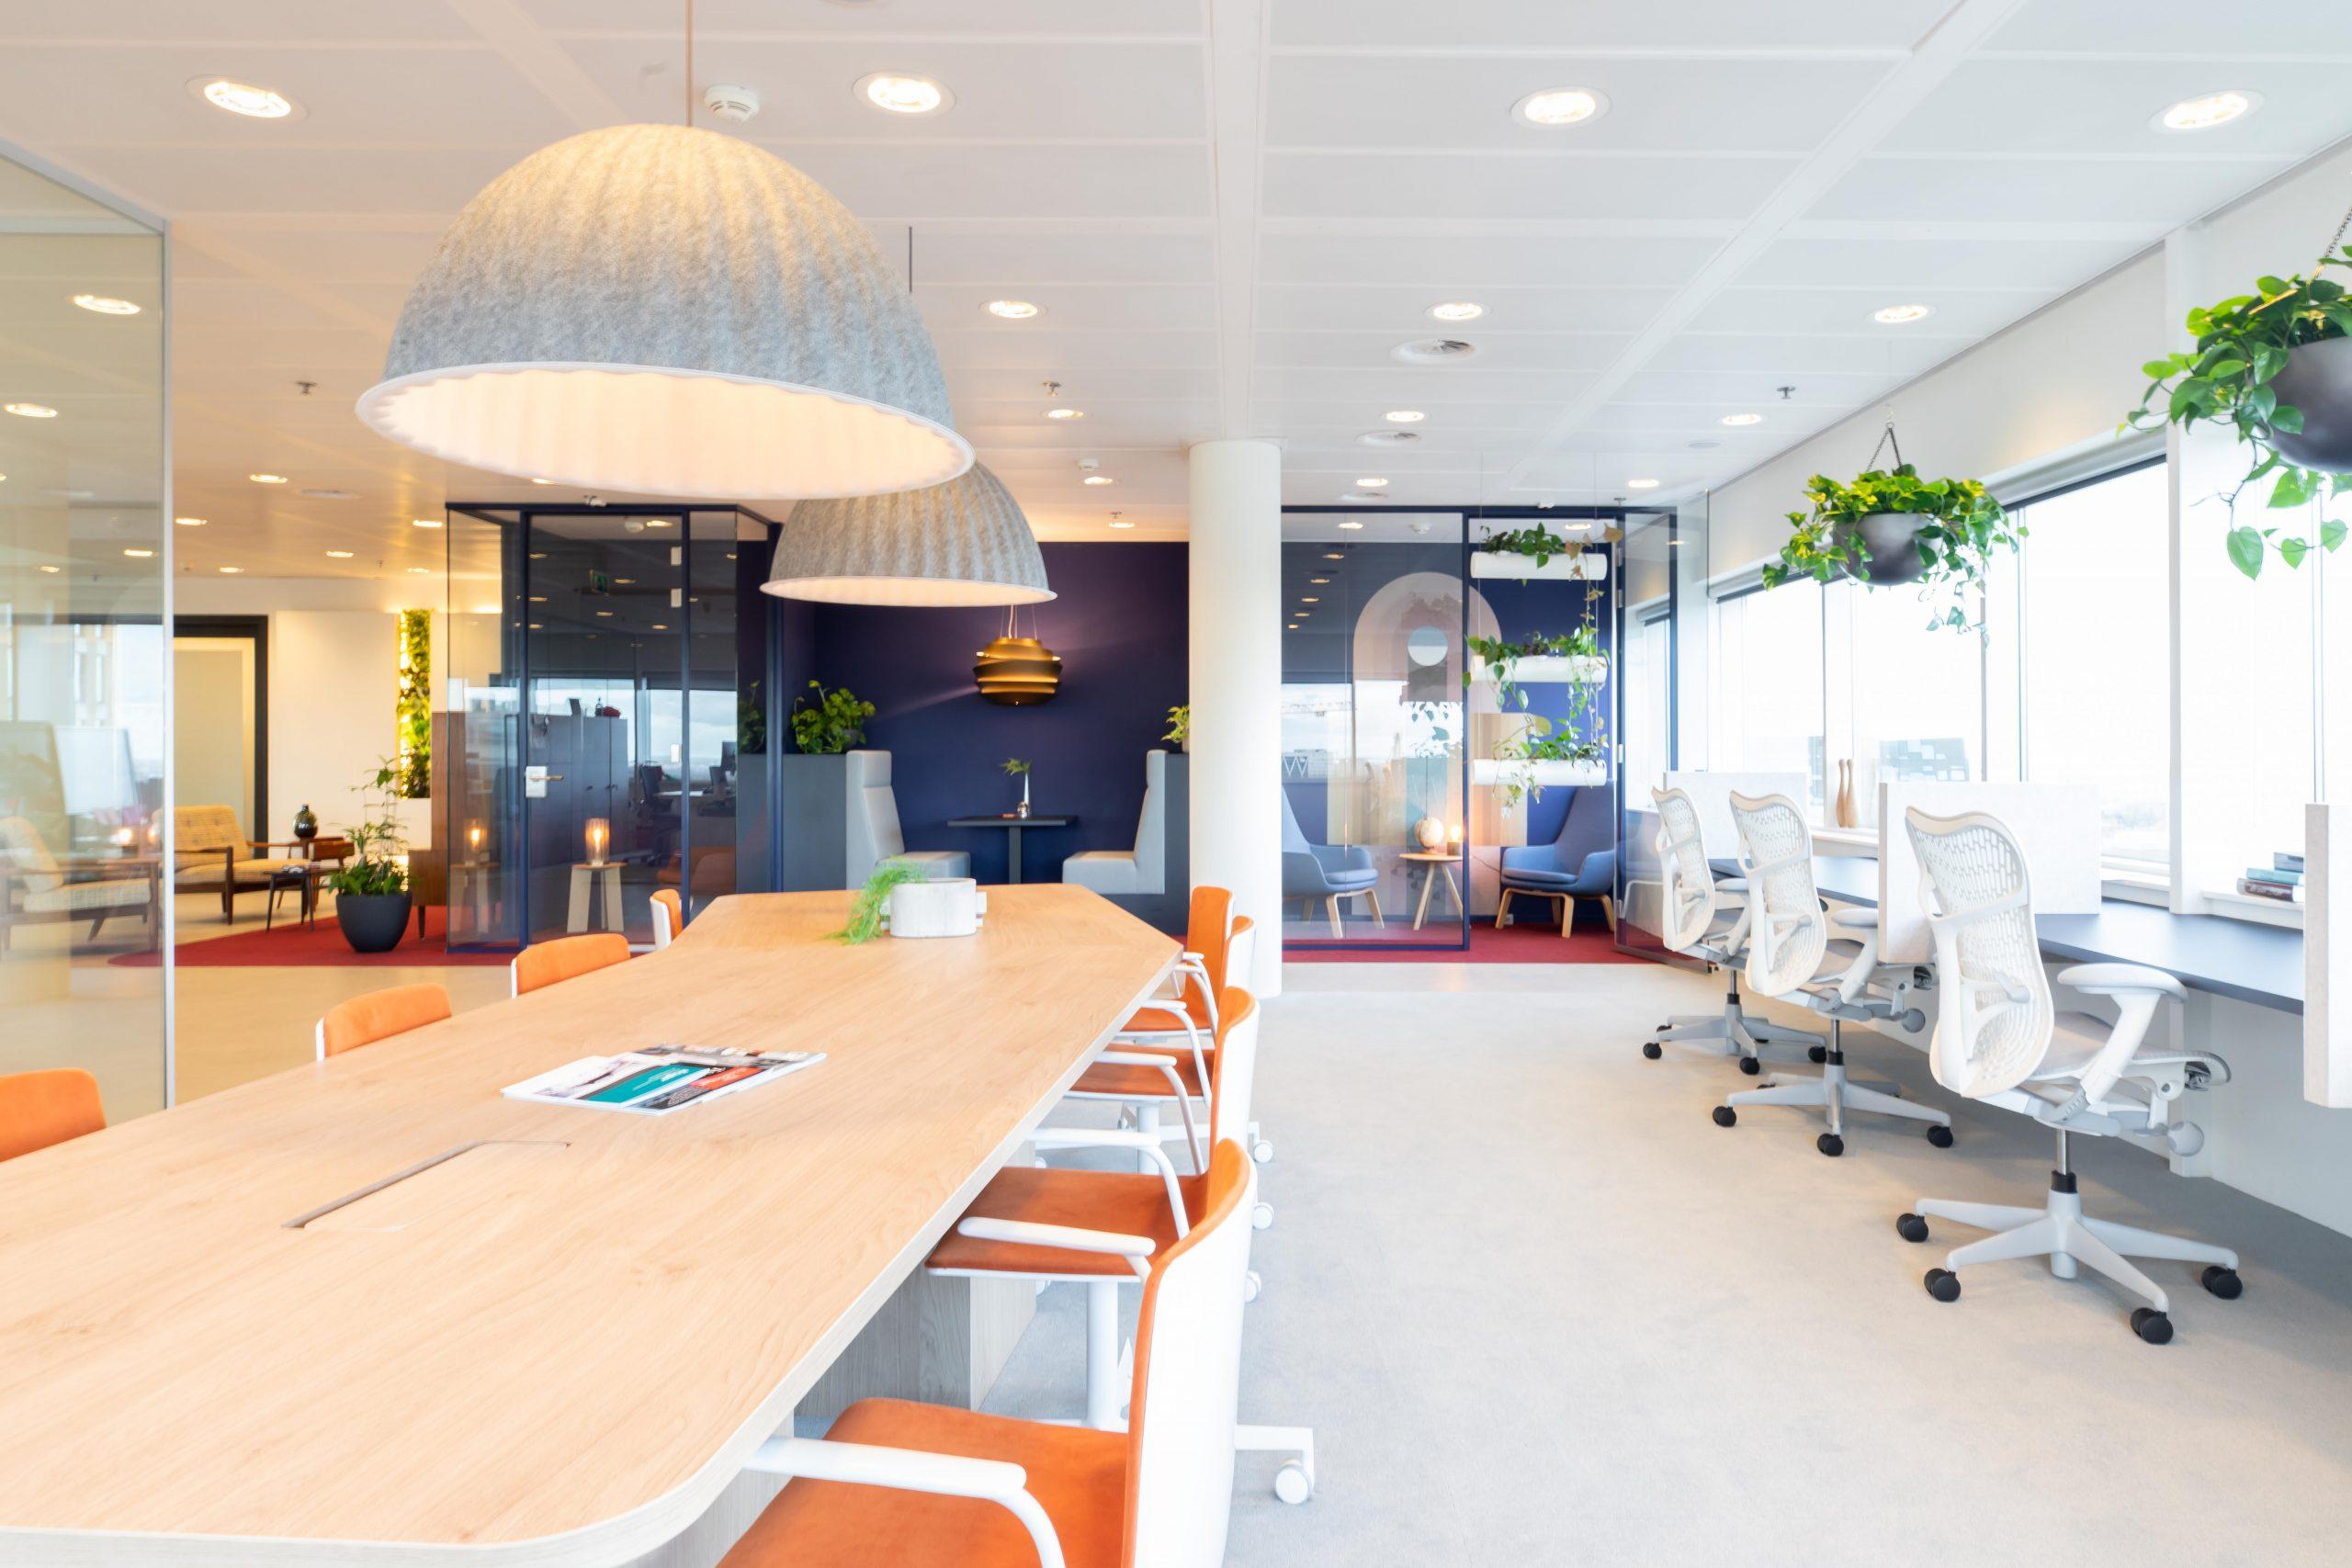 Een modern kantoor inrichten: 6 tips